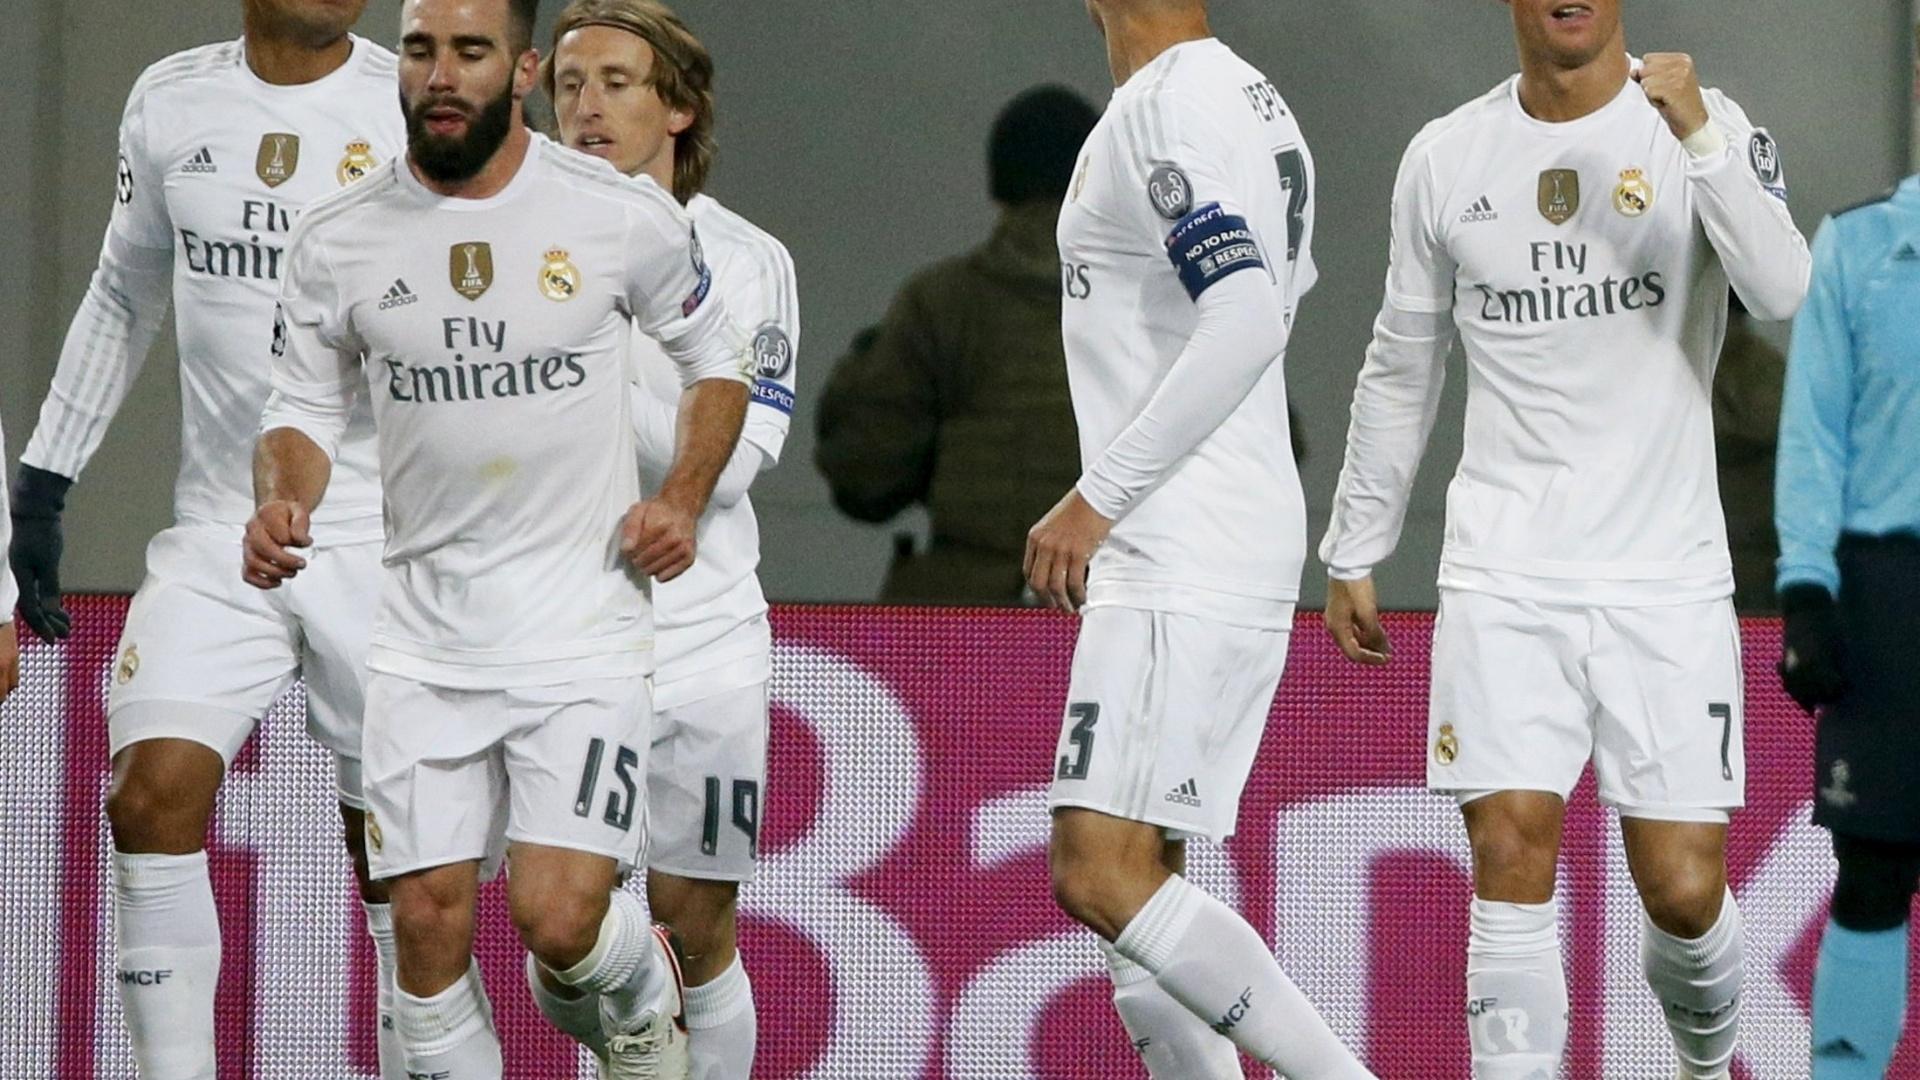 Cristiano Ronaldo vibra pelo gol contra o Shakhtar com companheiros do Real Madrid, Casemiro entre eles